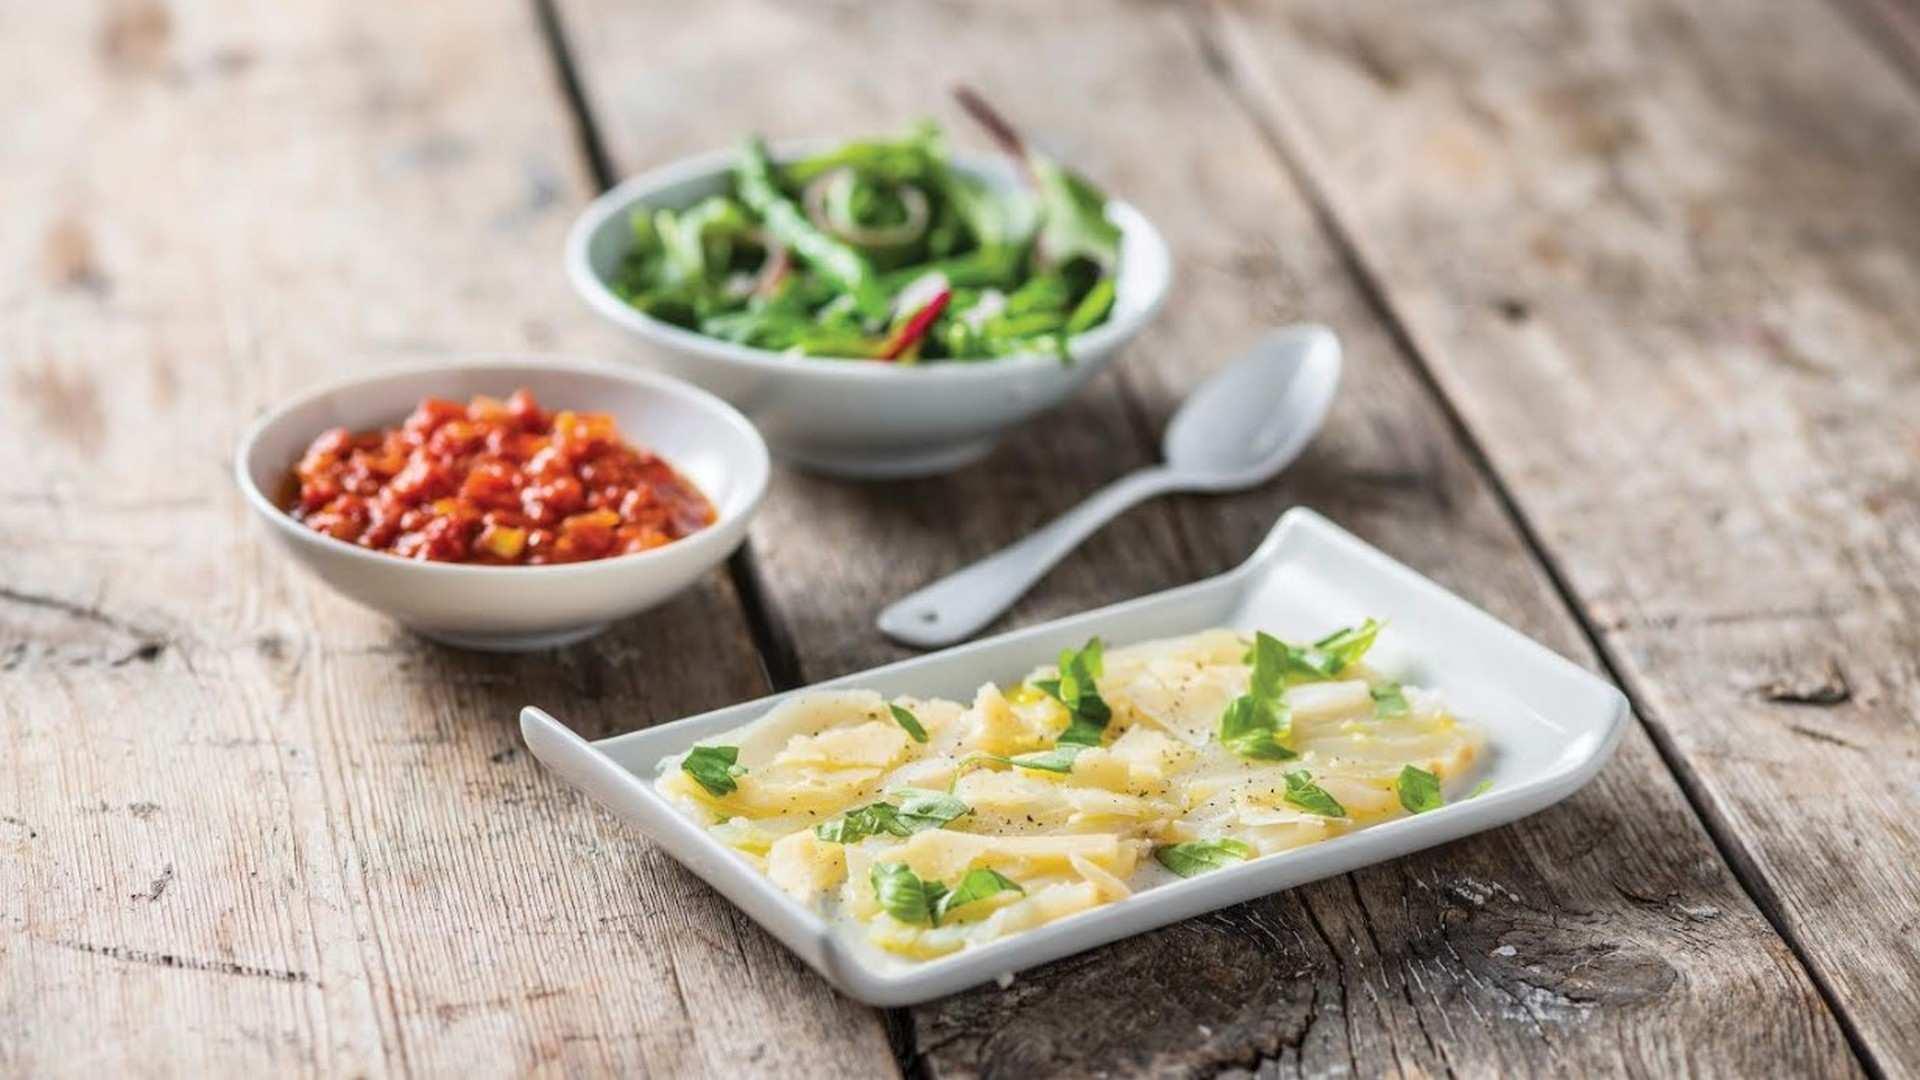 Receta de Carpaccio de bacalao con salsa de tomate y ensalada de espárragos